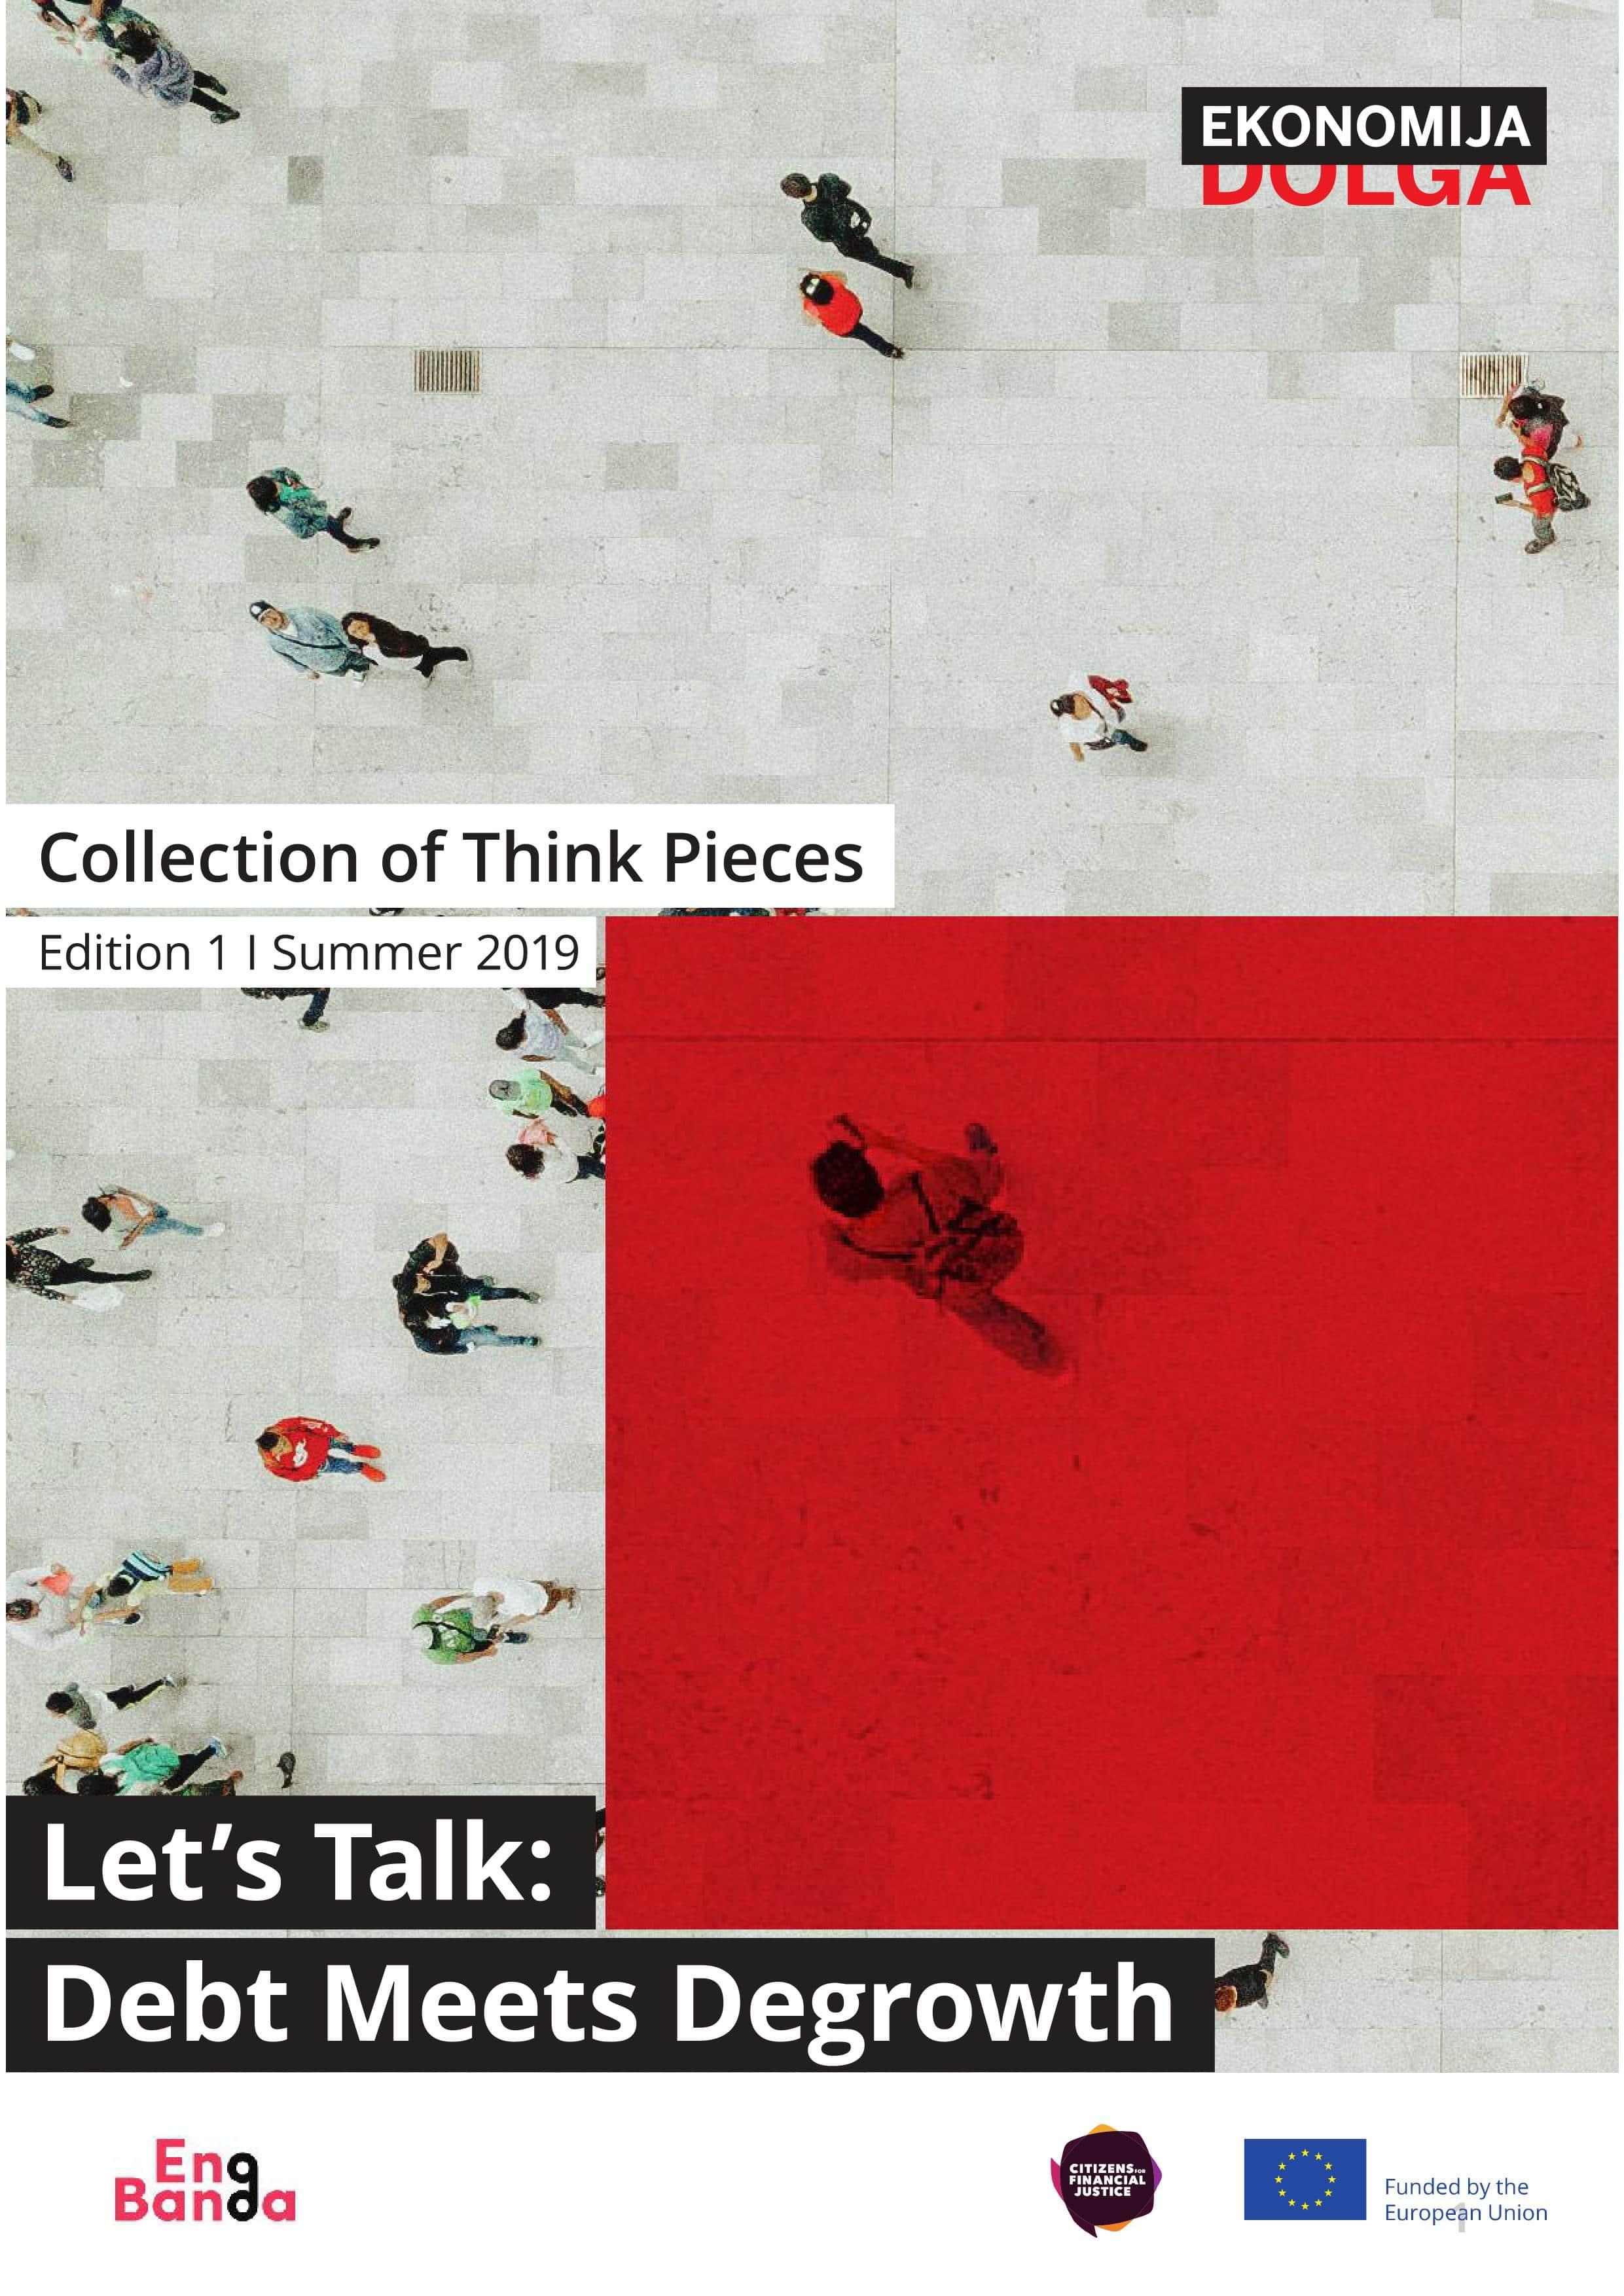 EnaBanda je izdala zbirko esejev Let's Talk: Debt Meets Degrowth